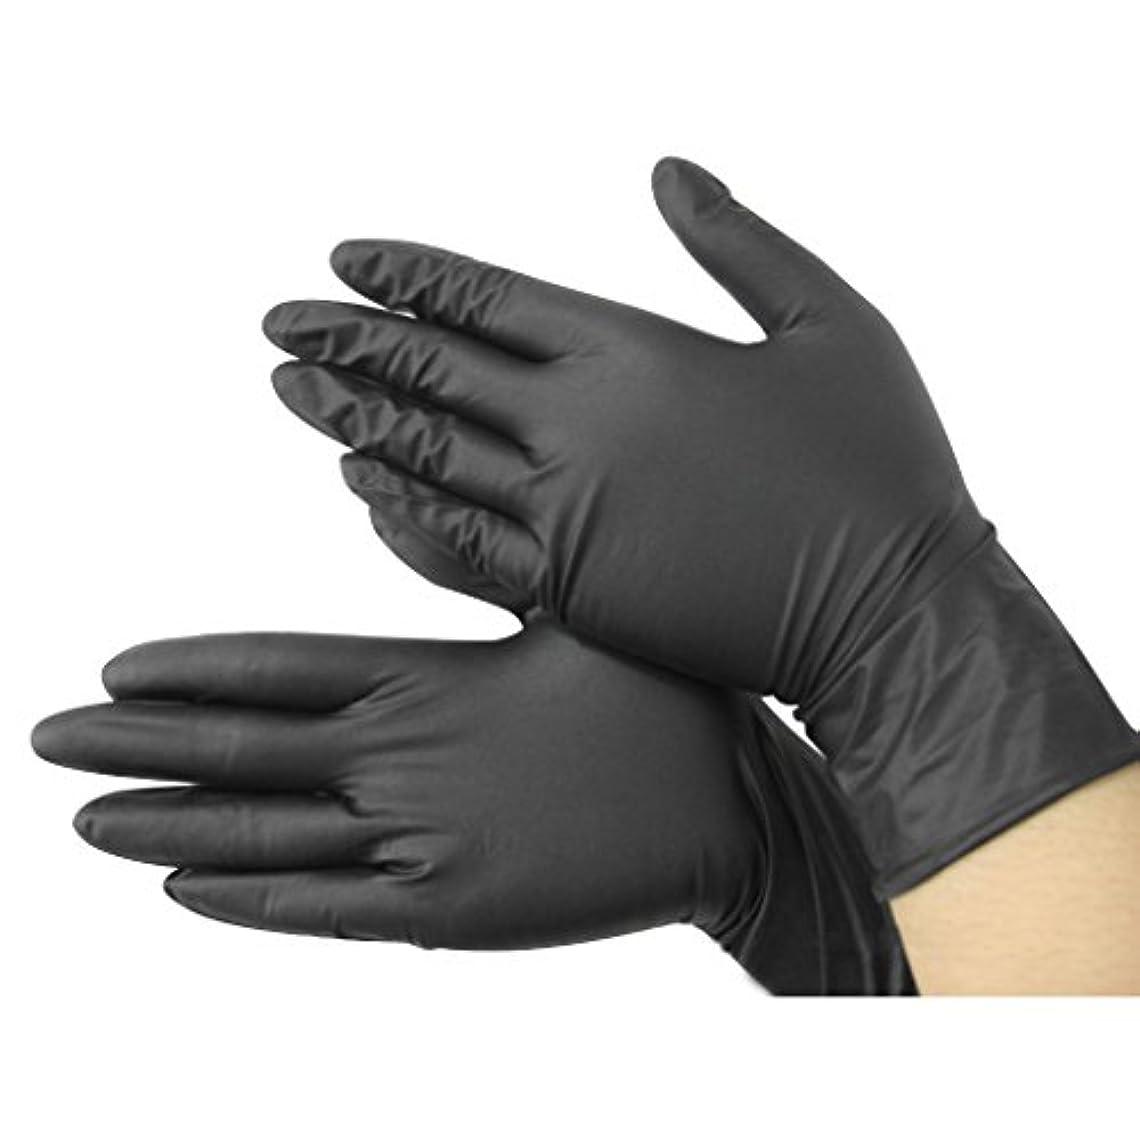 深いコメント好きであるCUHAWUDBA 黒いニトリル使い捨てクール手袋 パワーフリーX100 - 入れ墨 - メカニック 新しい